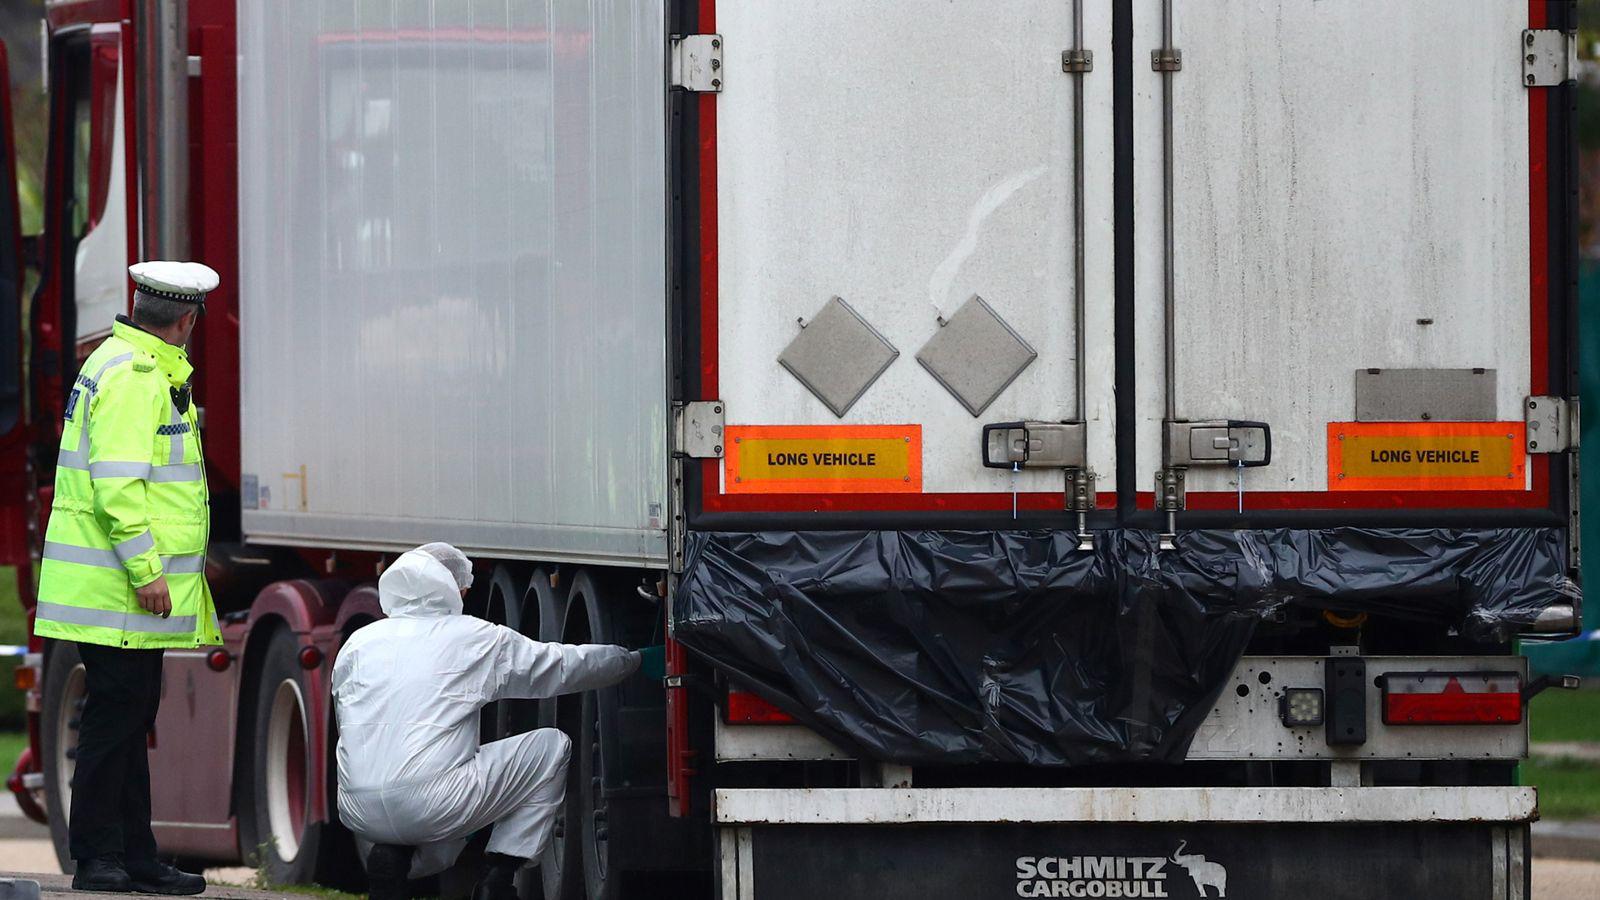 39 người Việt chết trên container ở Anh: Nhiều tính tiết bất ngờ - Ảnh 1.